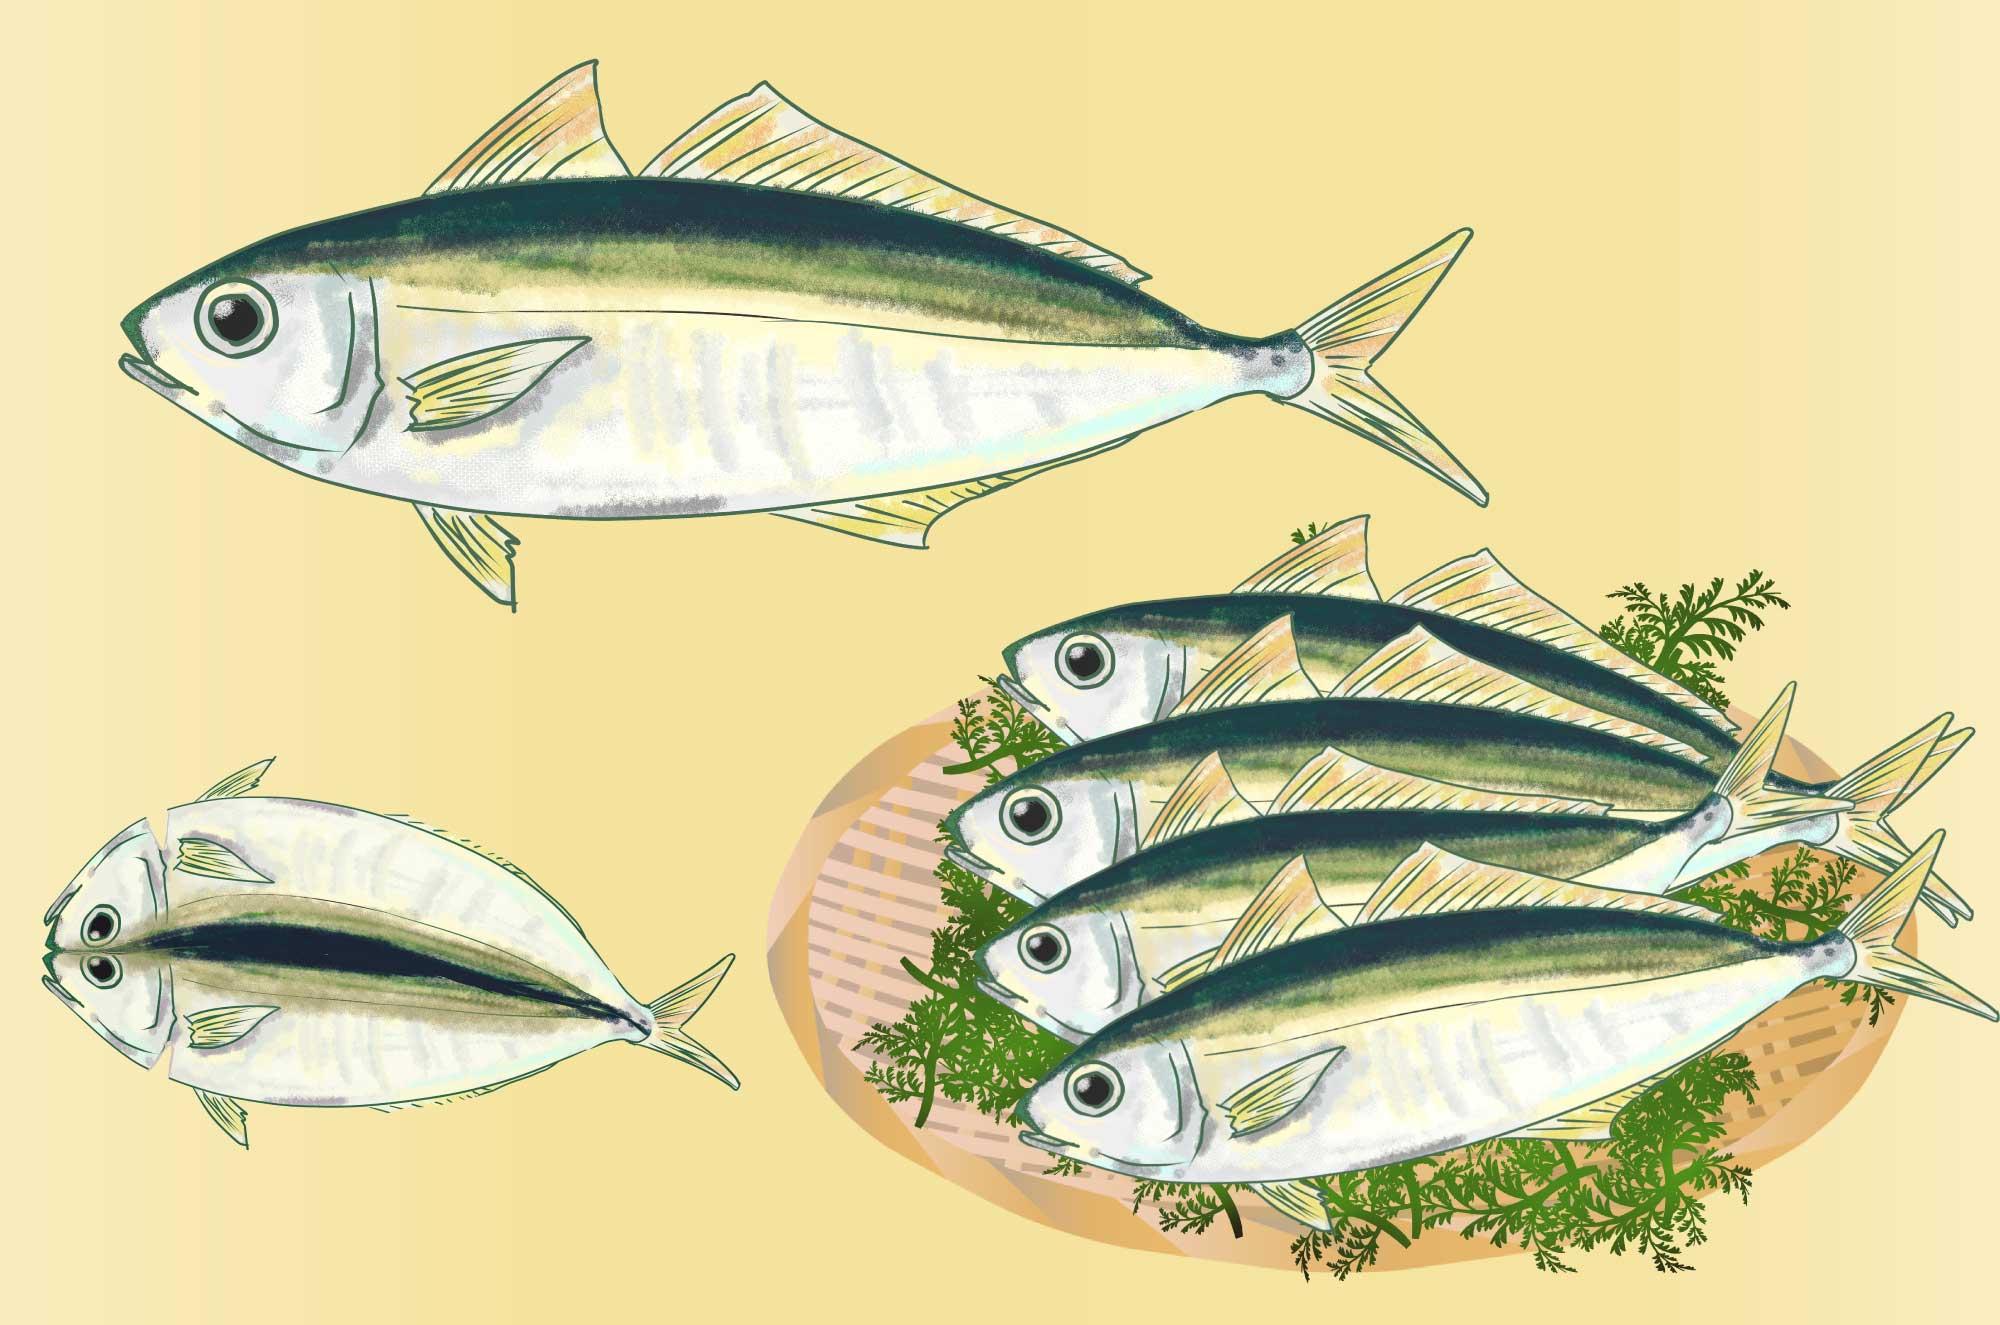 アジのフリーイラスト - 手書きの無料魚素材 - チコデザ